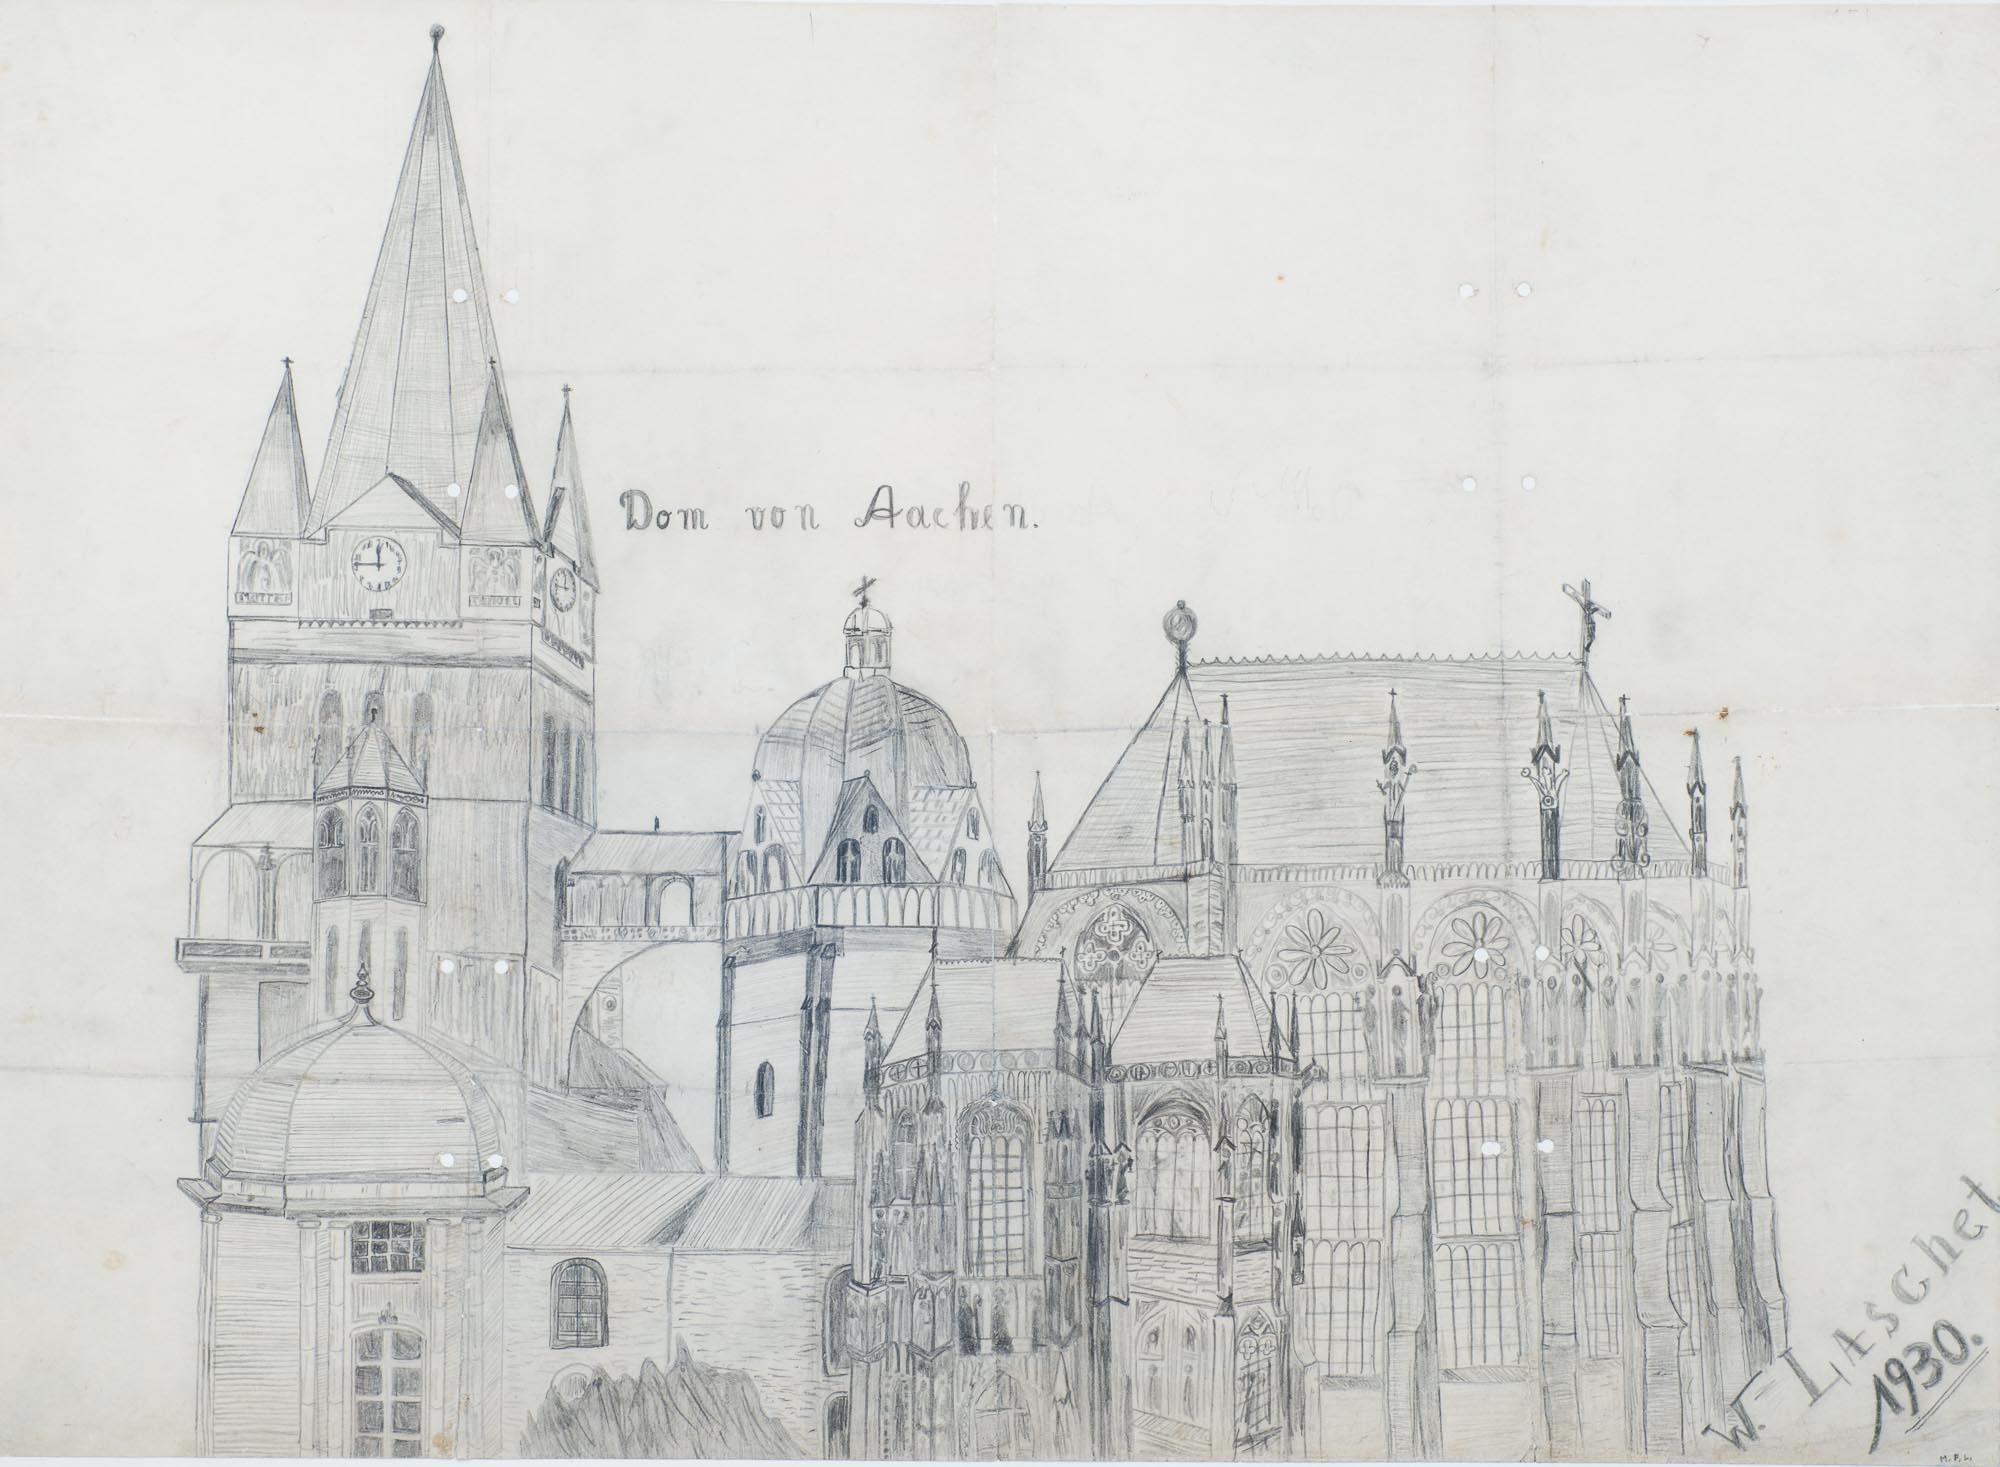 - Dom von Aachen, Bleistiftzeichnung des 10-jährigen auf Papier, 1930, 86,0 x 63,0 cm